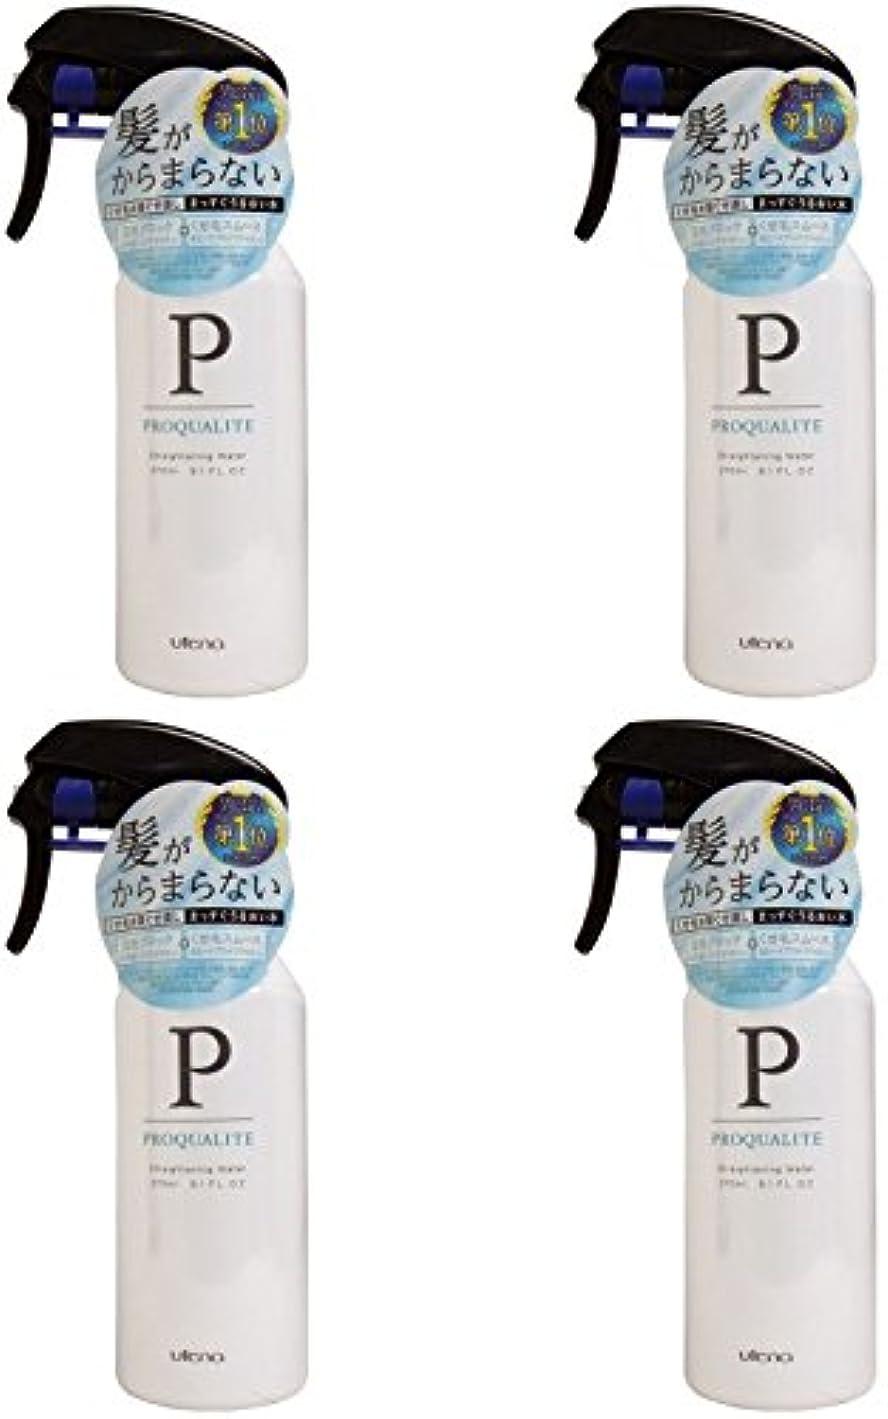 静かに唯物論ひどい【まとめ買い】プロカリテ まっすぐうるおい水【×4個】